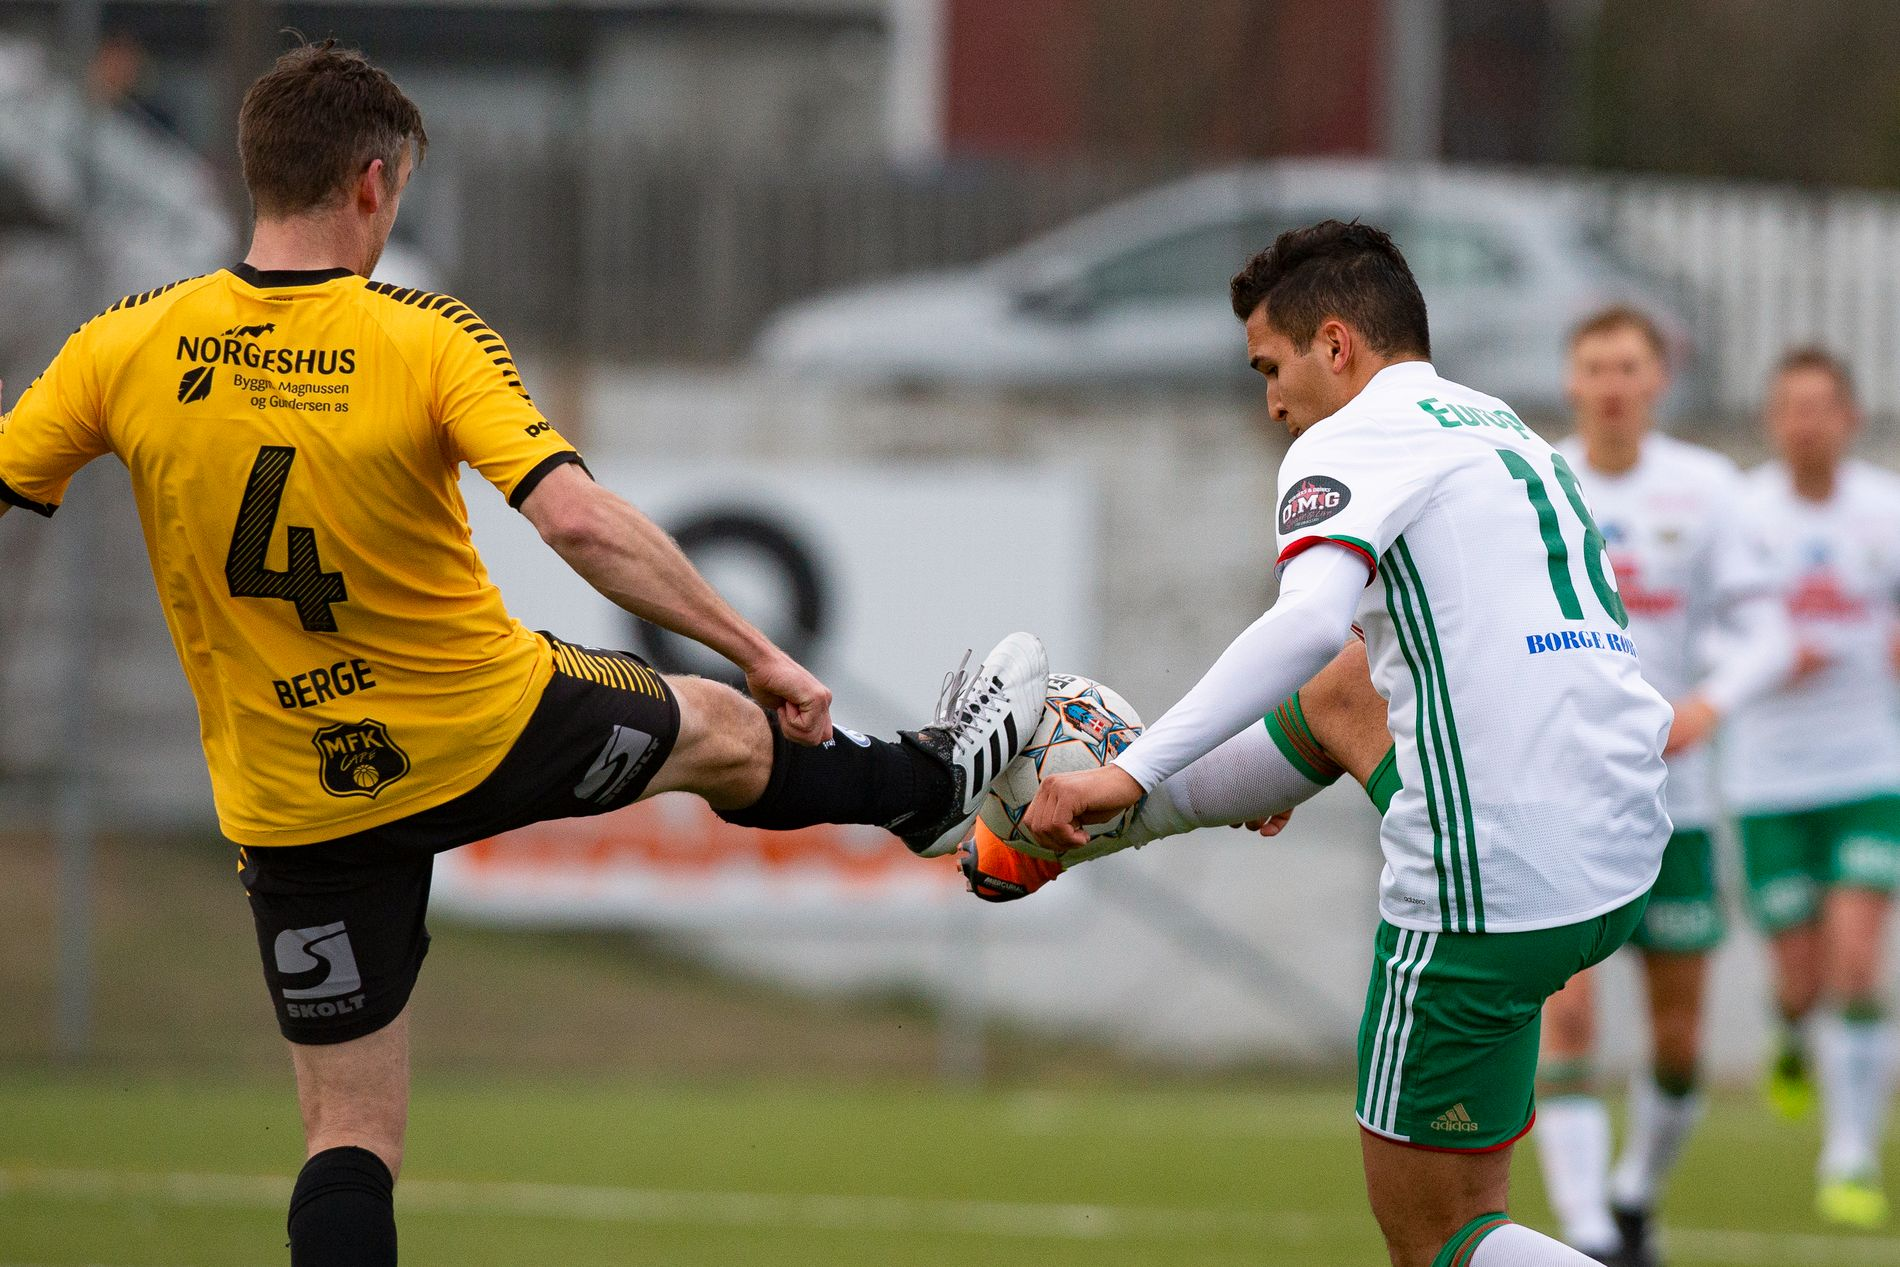 LEGGER OPP: Kjetil Berge gir seg som spiller etter sesongen. Her i duell med Kråkerøys Ridouan Elyounoussi, som for øvrig er yngre bror av Tarik, under vårens cupkamp mellom lagene.